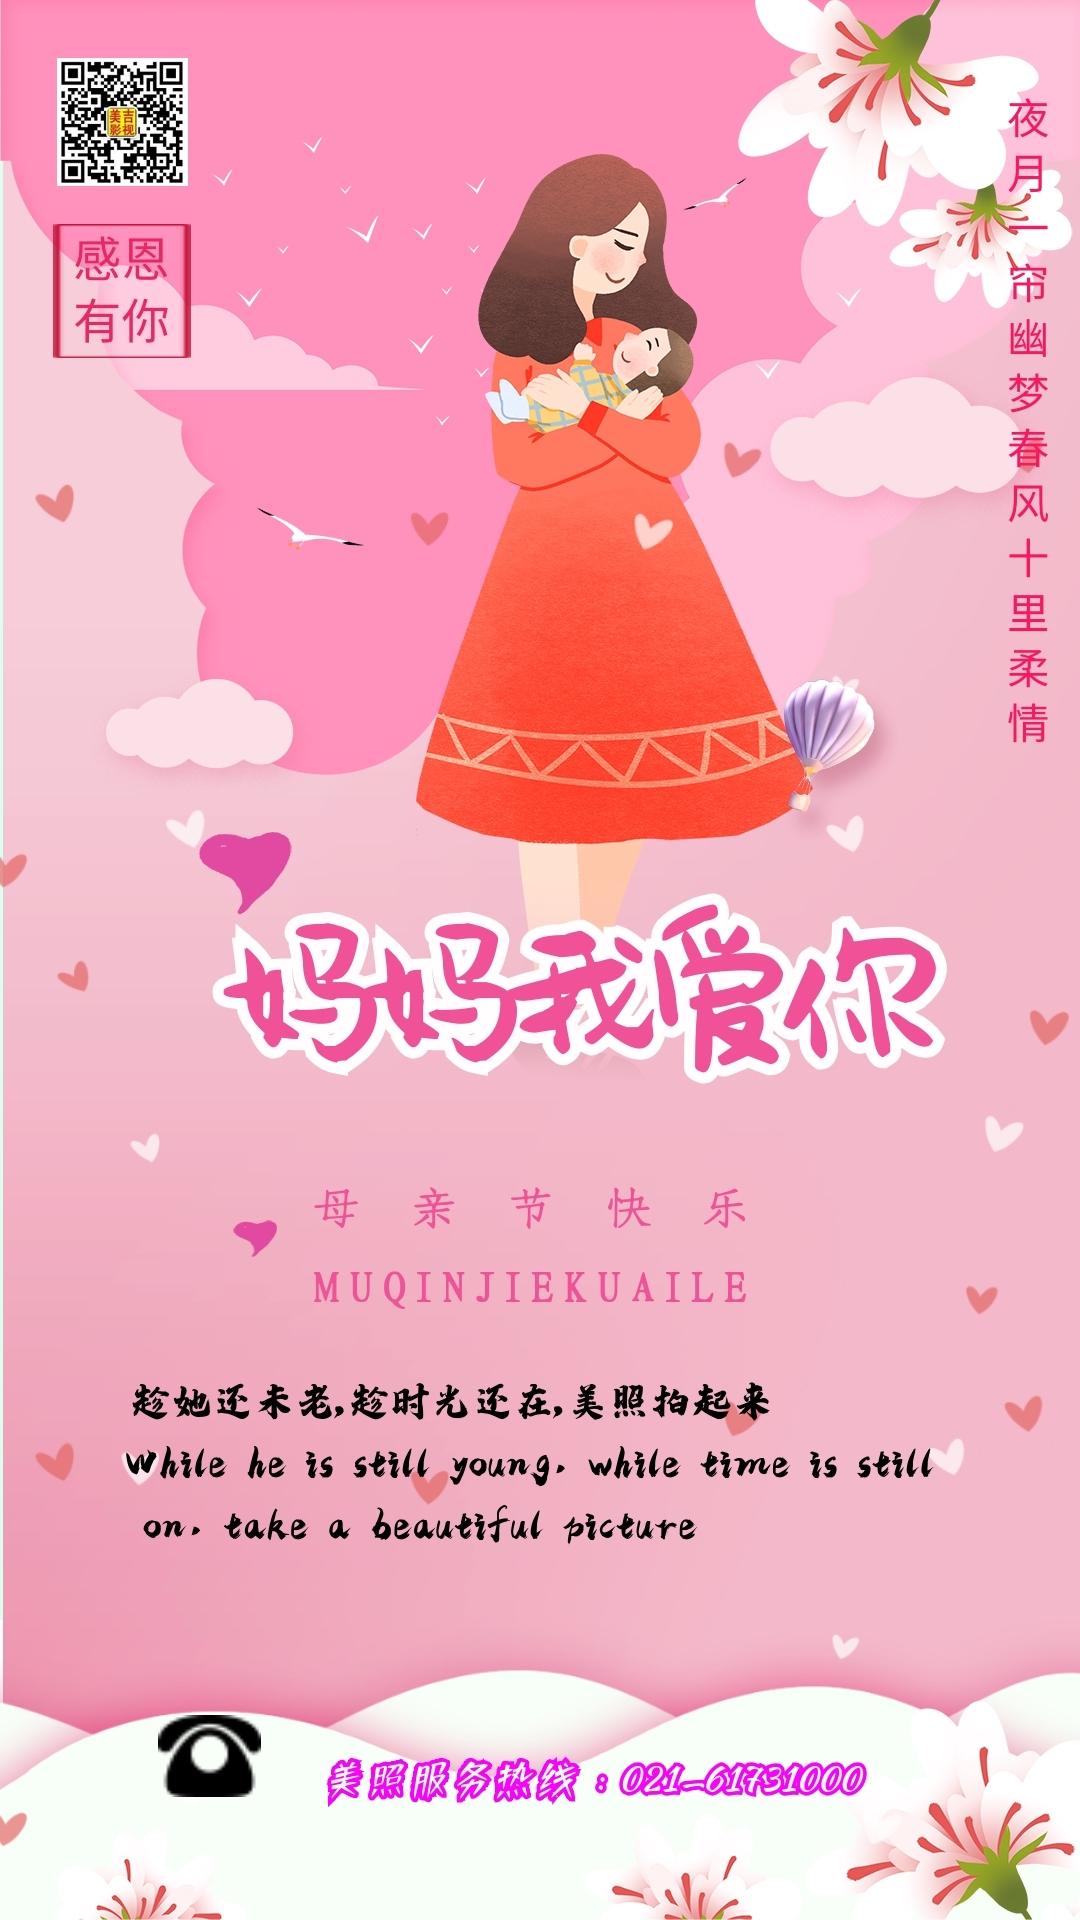 上海母亲节摄影摄像